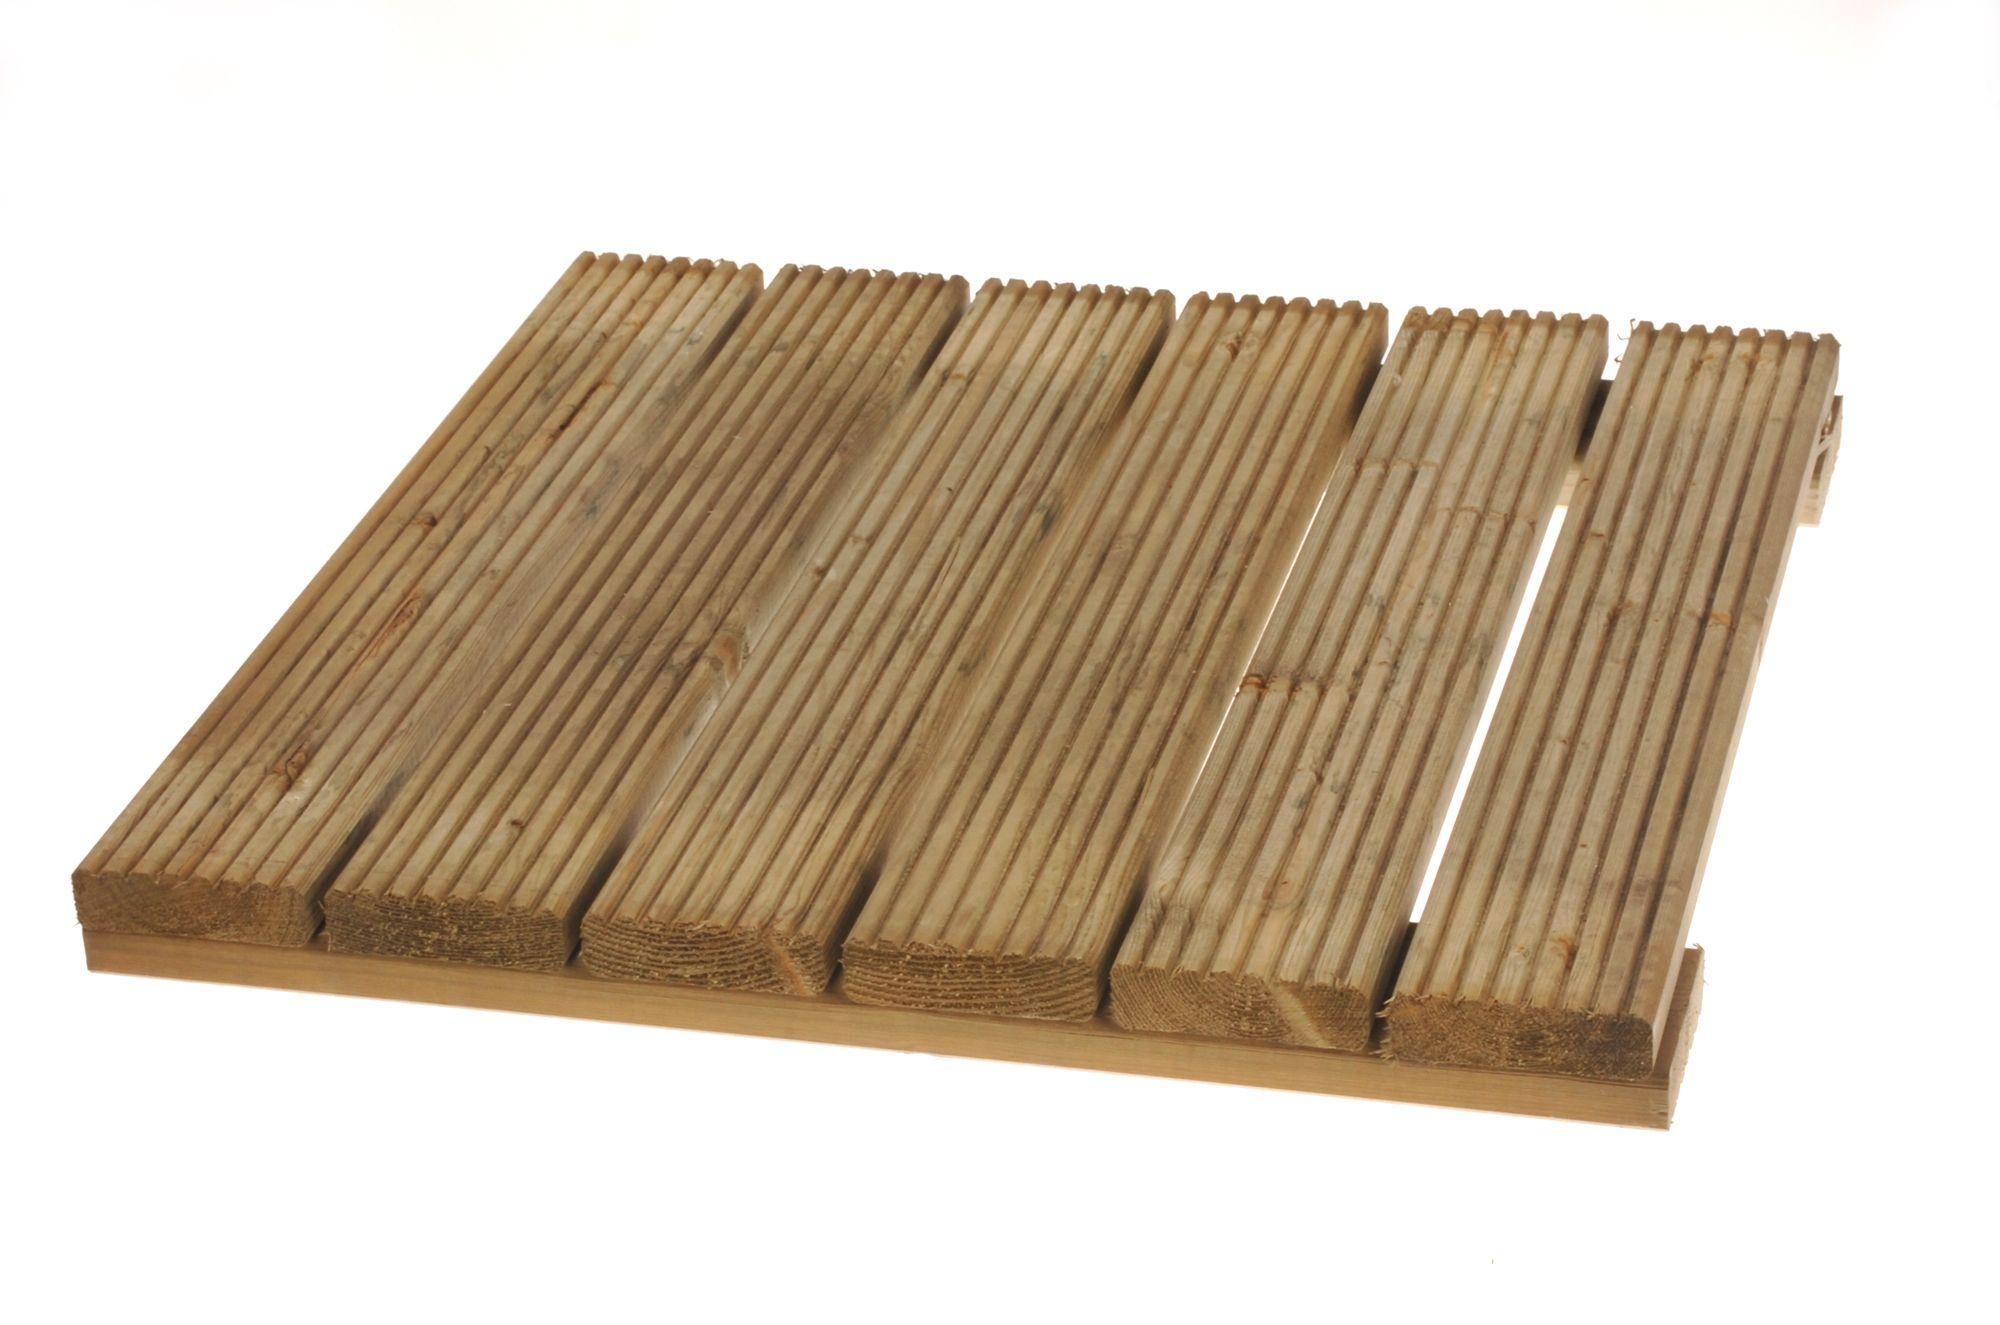 softwood deck square t 50mm w 600mm l 600mm. Black Bedroom Furniture Sets. Home Design Ideas